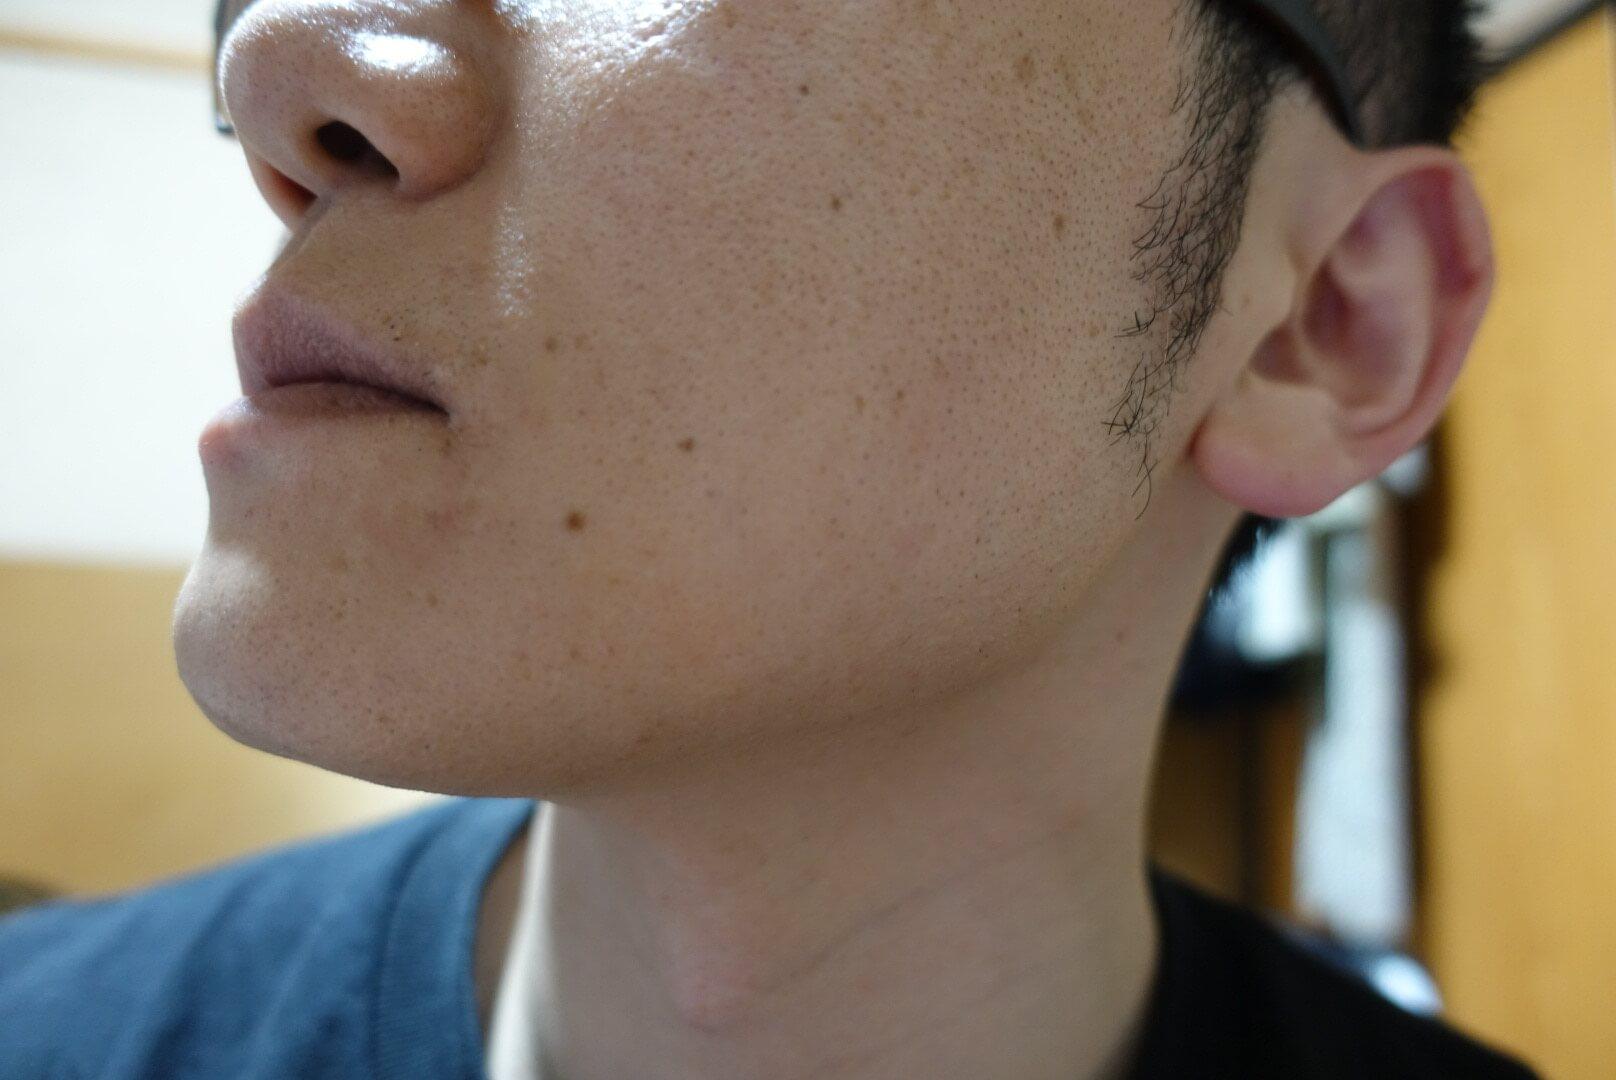 ヒゲ脱毛11回目施術1ヵ月後-側面(左)